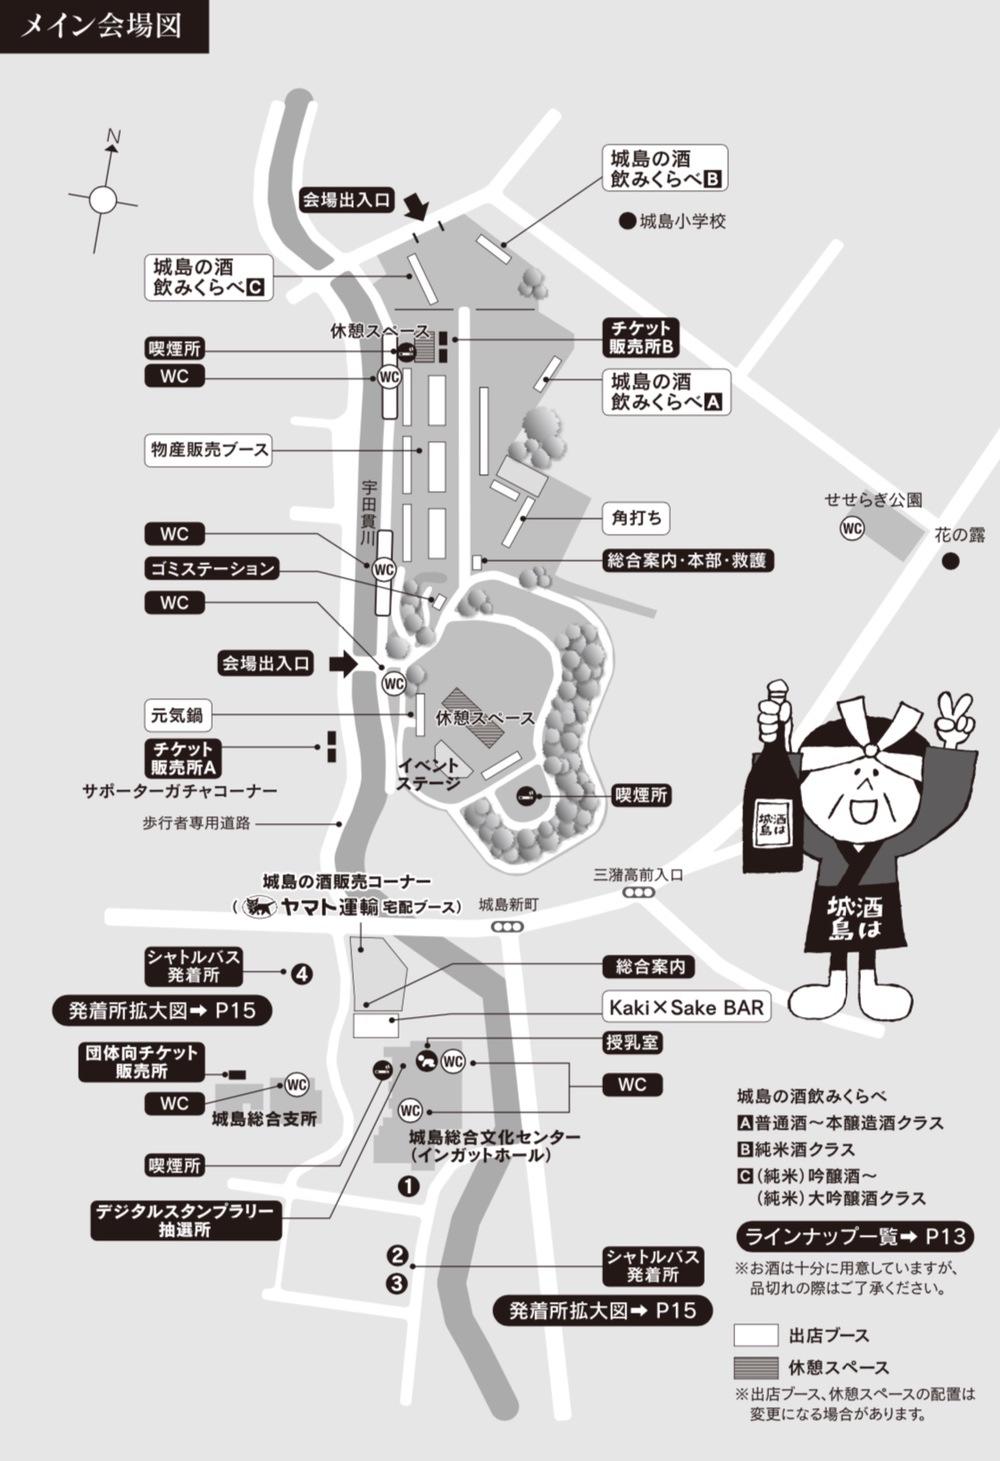 第26回 城島酒蔵びらき メイン会場図